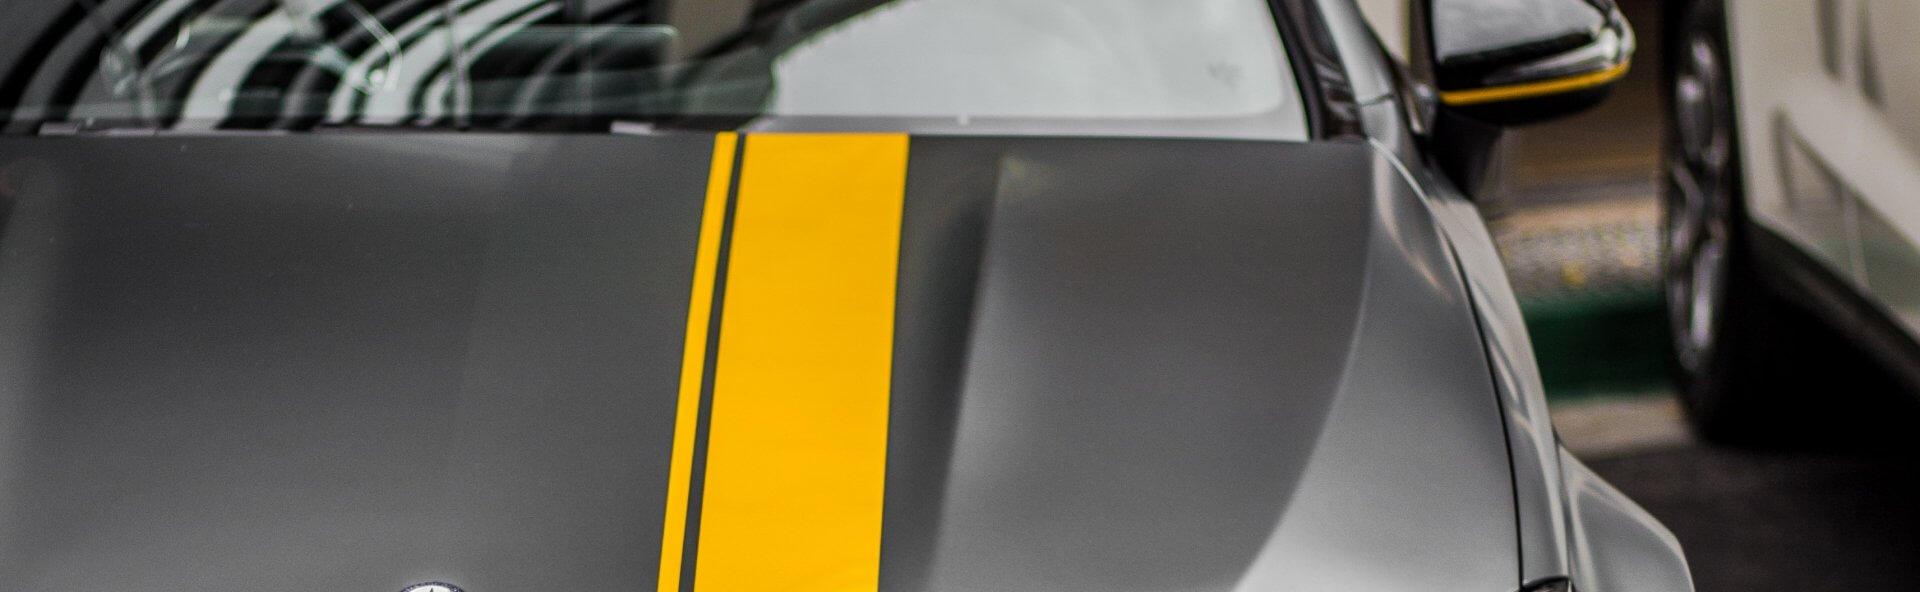 Grey Mercedes bonnet | Walker cutting